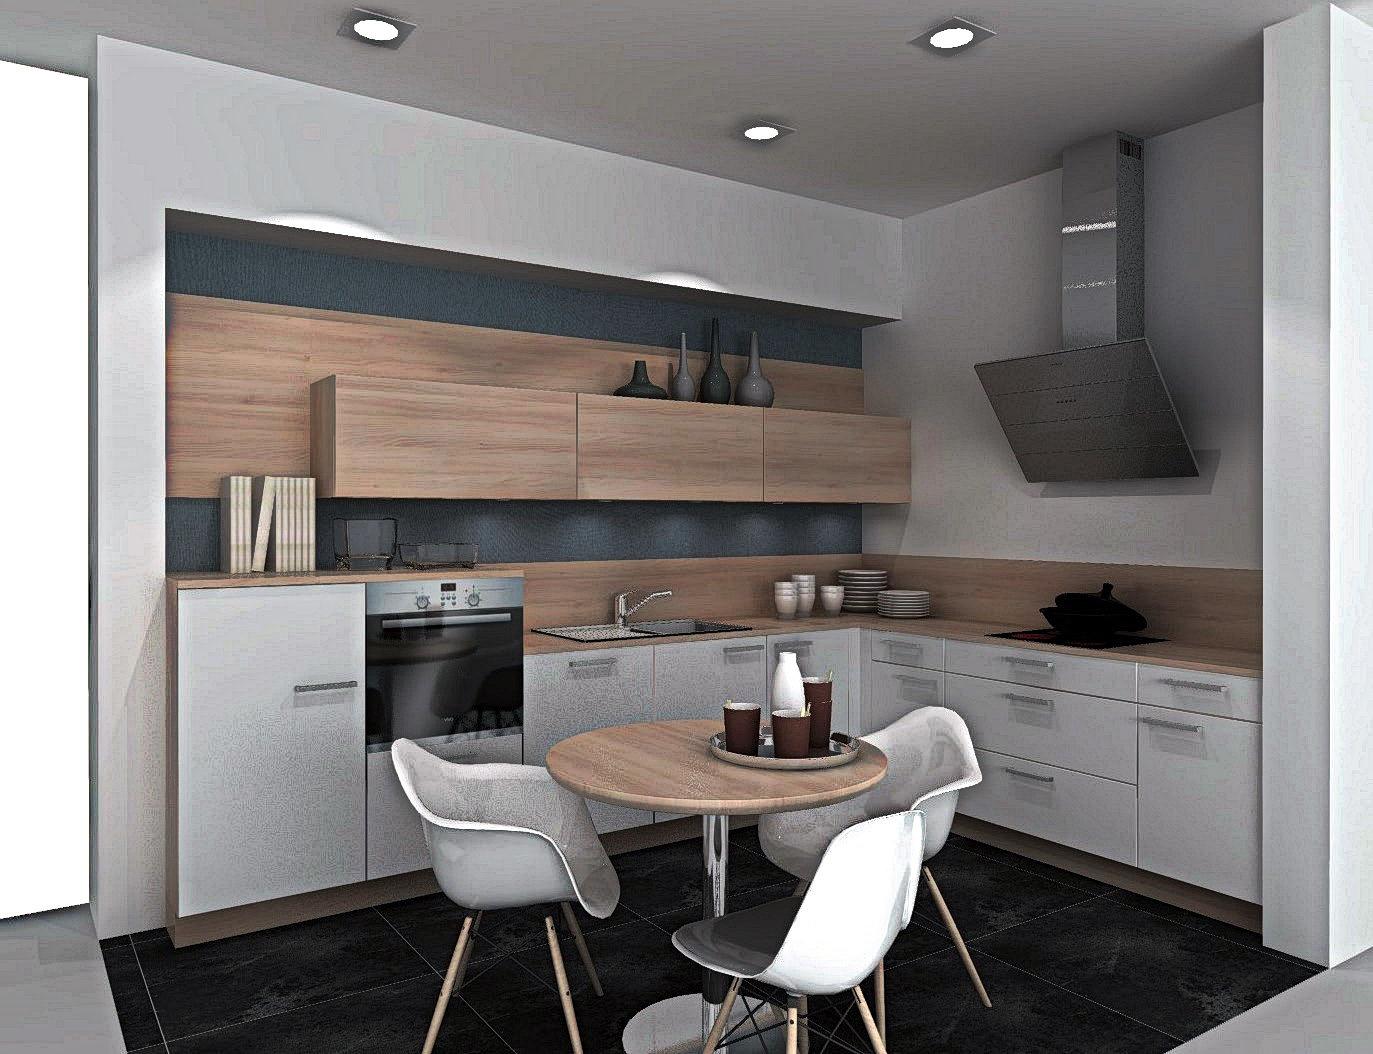 Full Size of Küche L Form Weiß Hochglanz Küche L Form Kaufen Küche L Form Mit Insel Ikea Küche L Form Küche Küche L Form